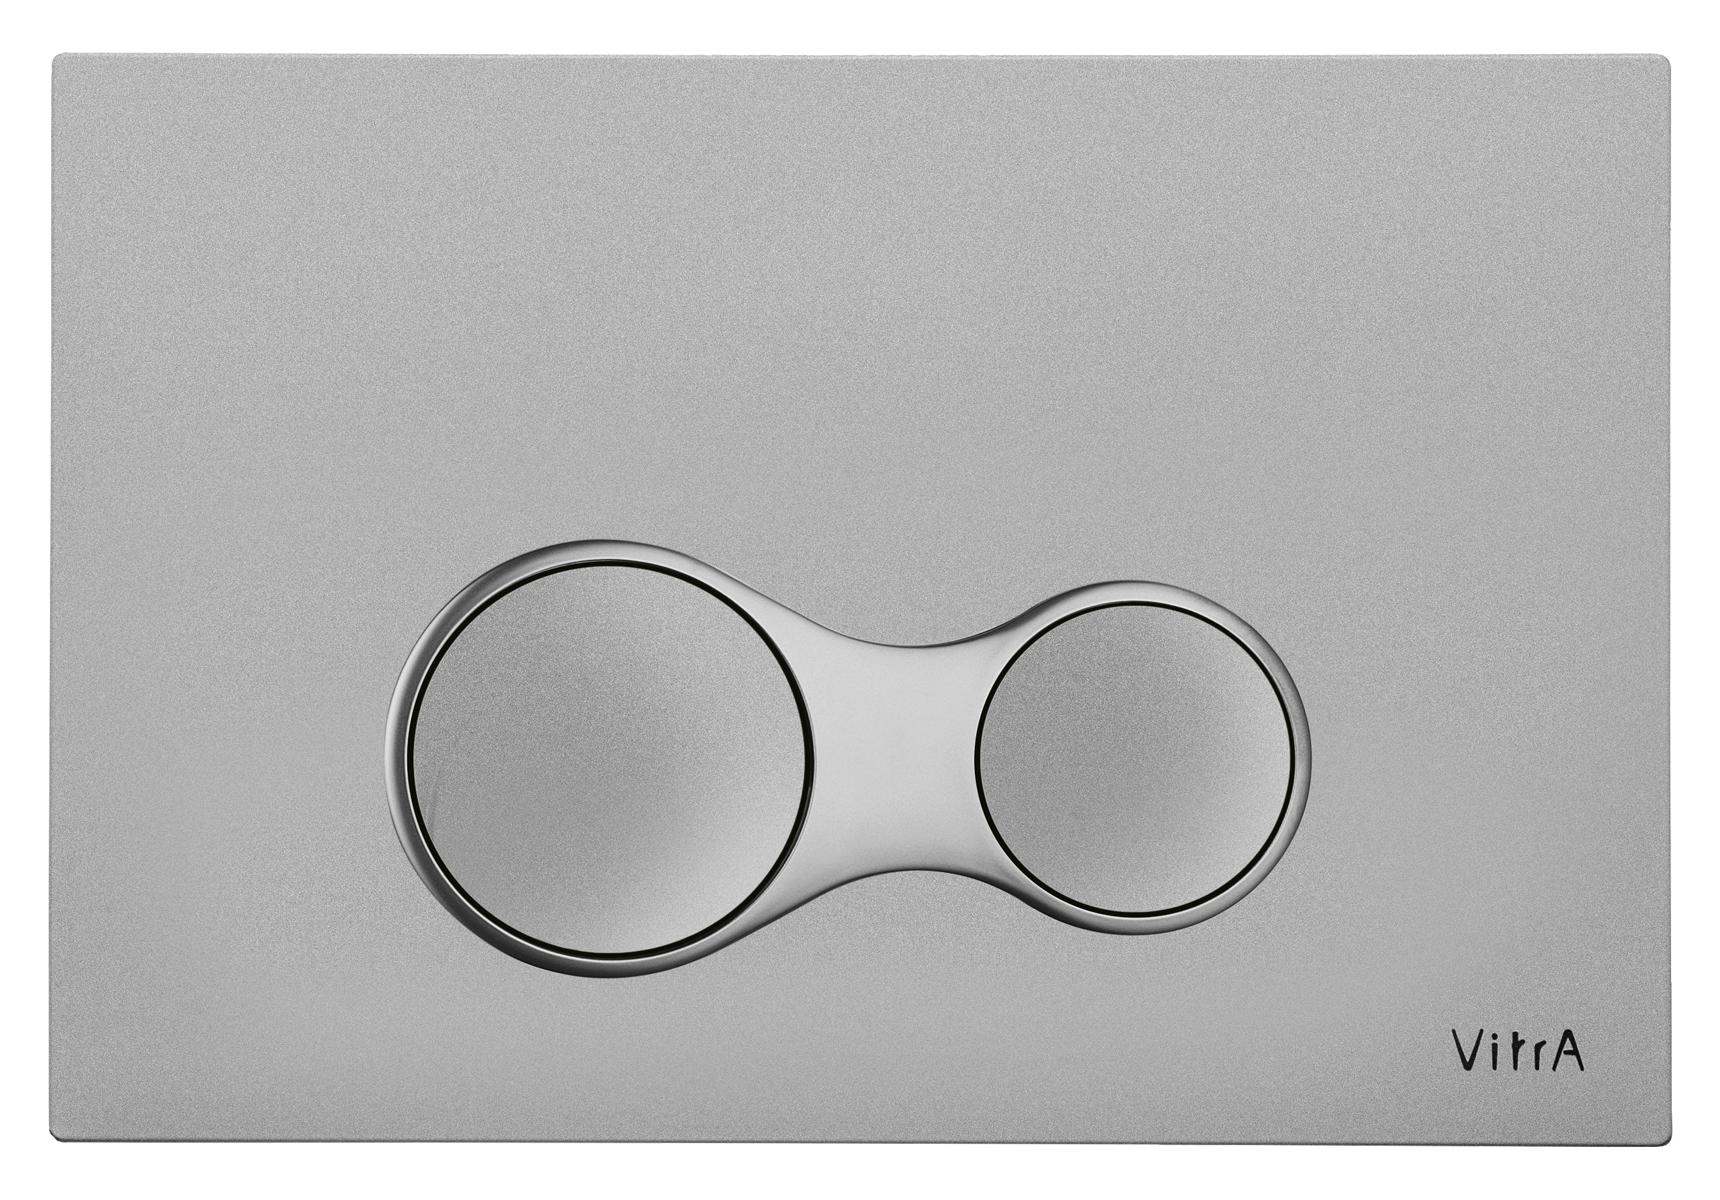 Sirius Panneau de commande 3/6 l, modèle mecanique, chromé mat anti trace